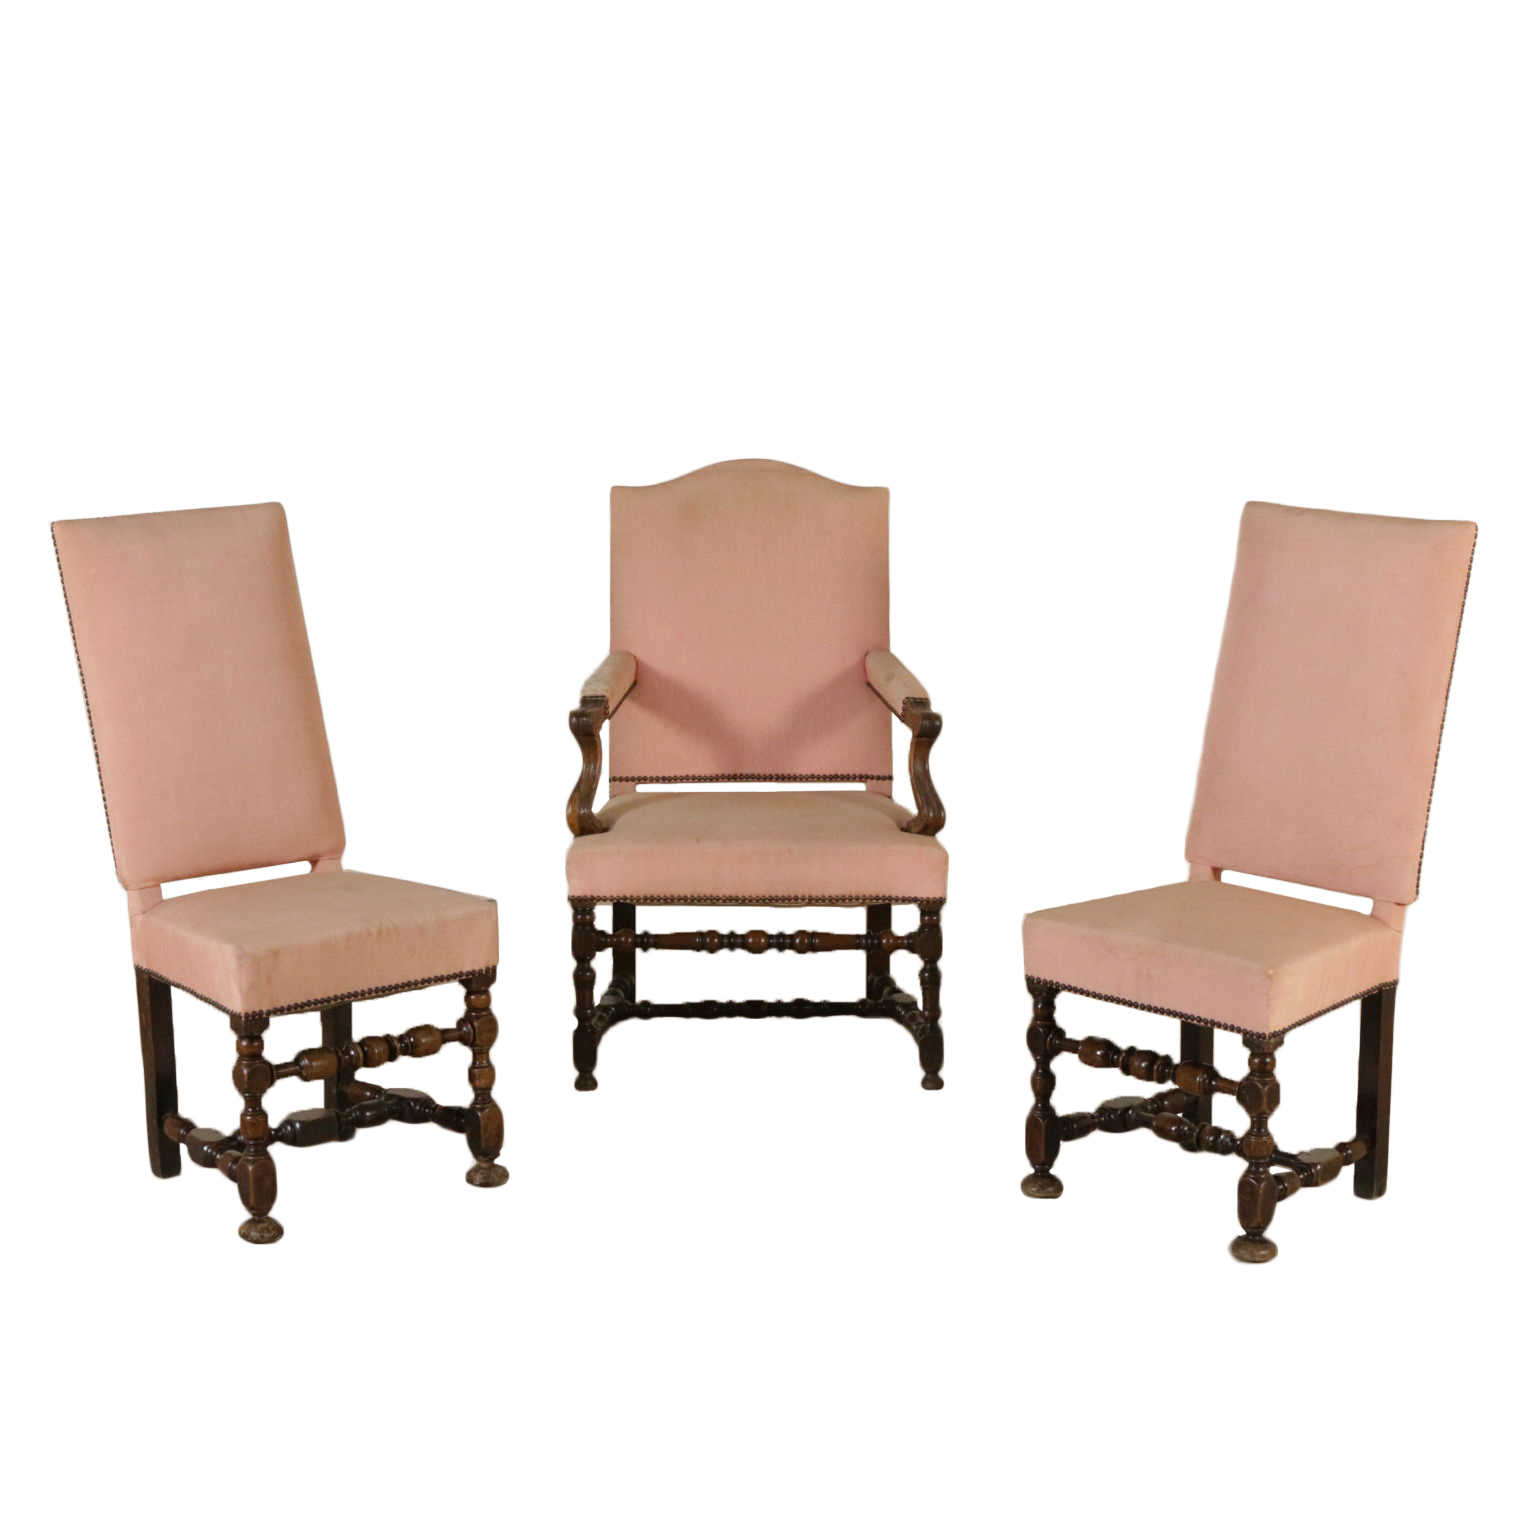 Poltrona e coppia sedie rocchetto sedie poltrone divani for Poltrone sedie